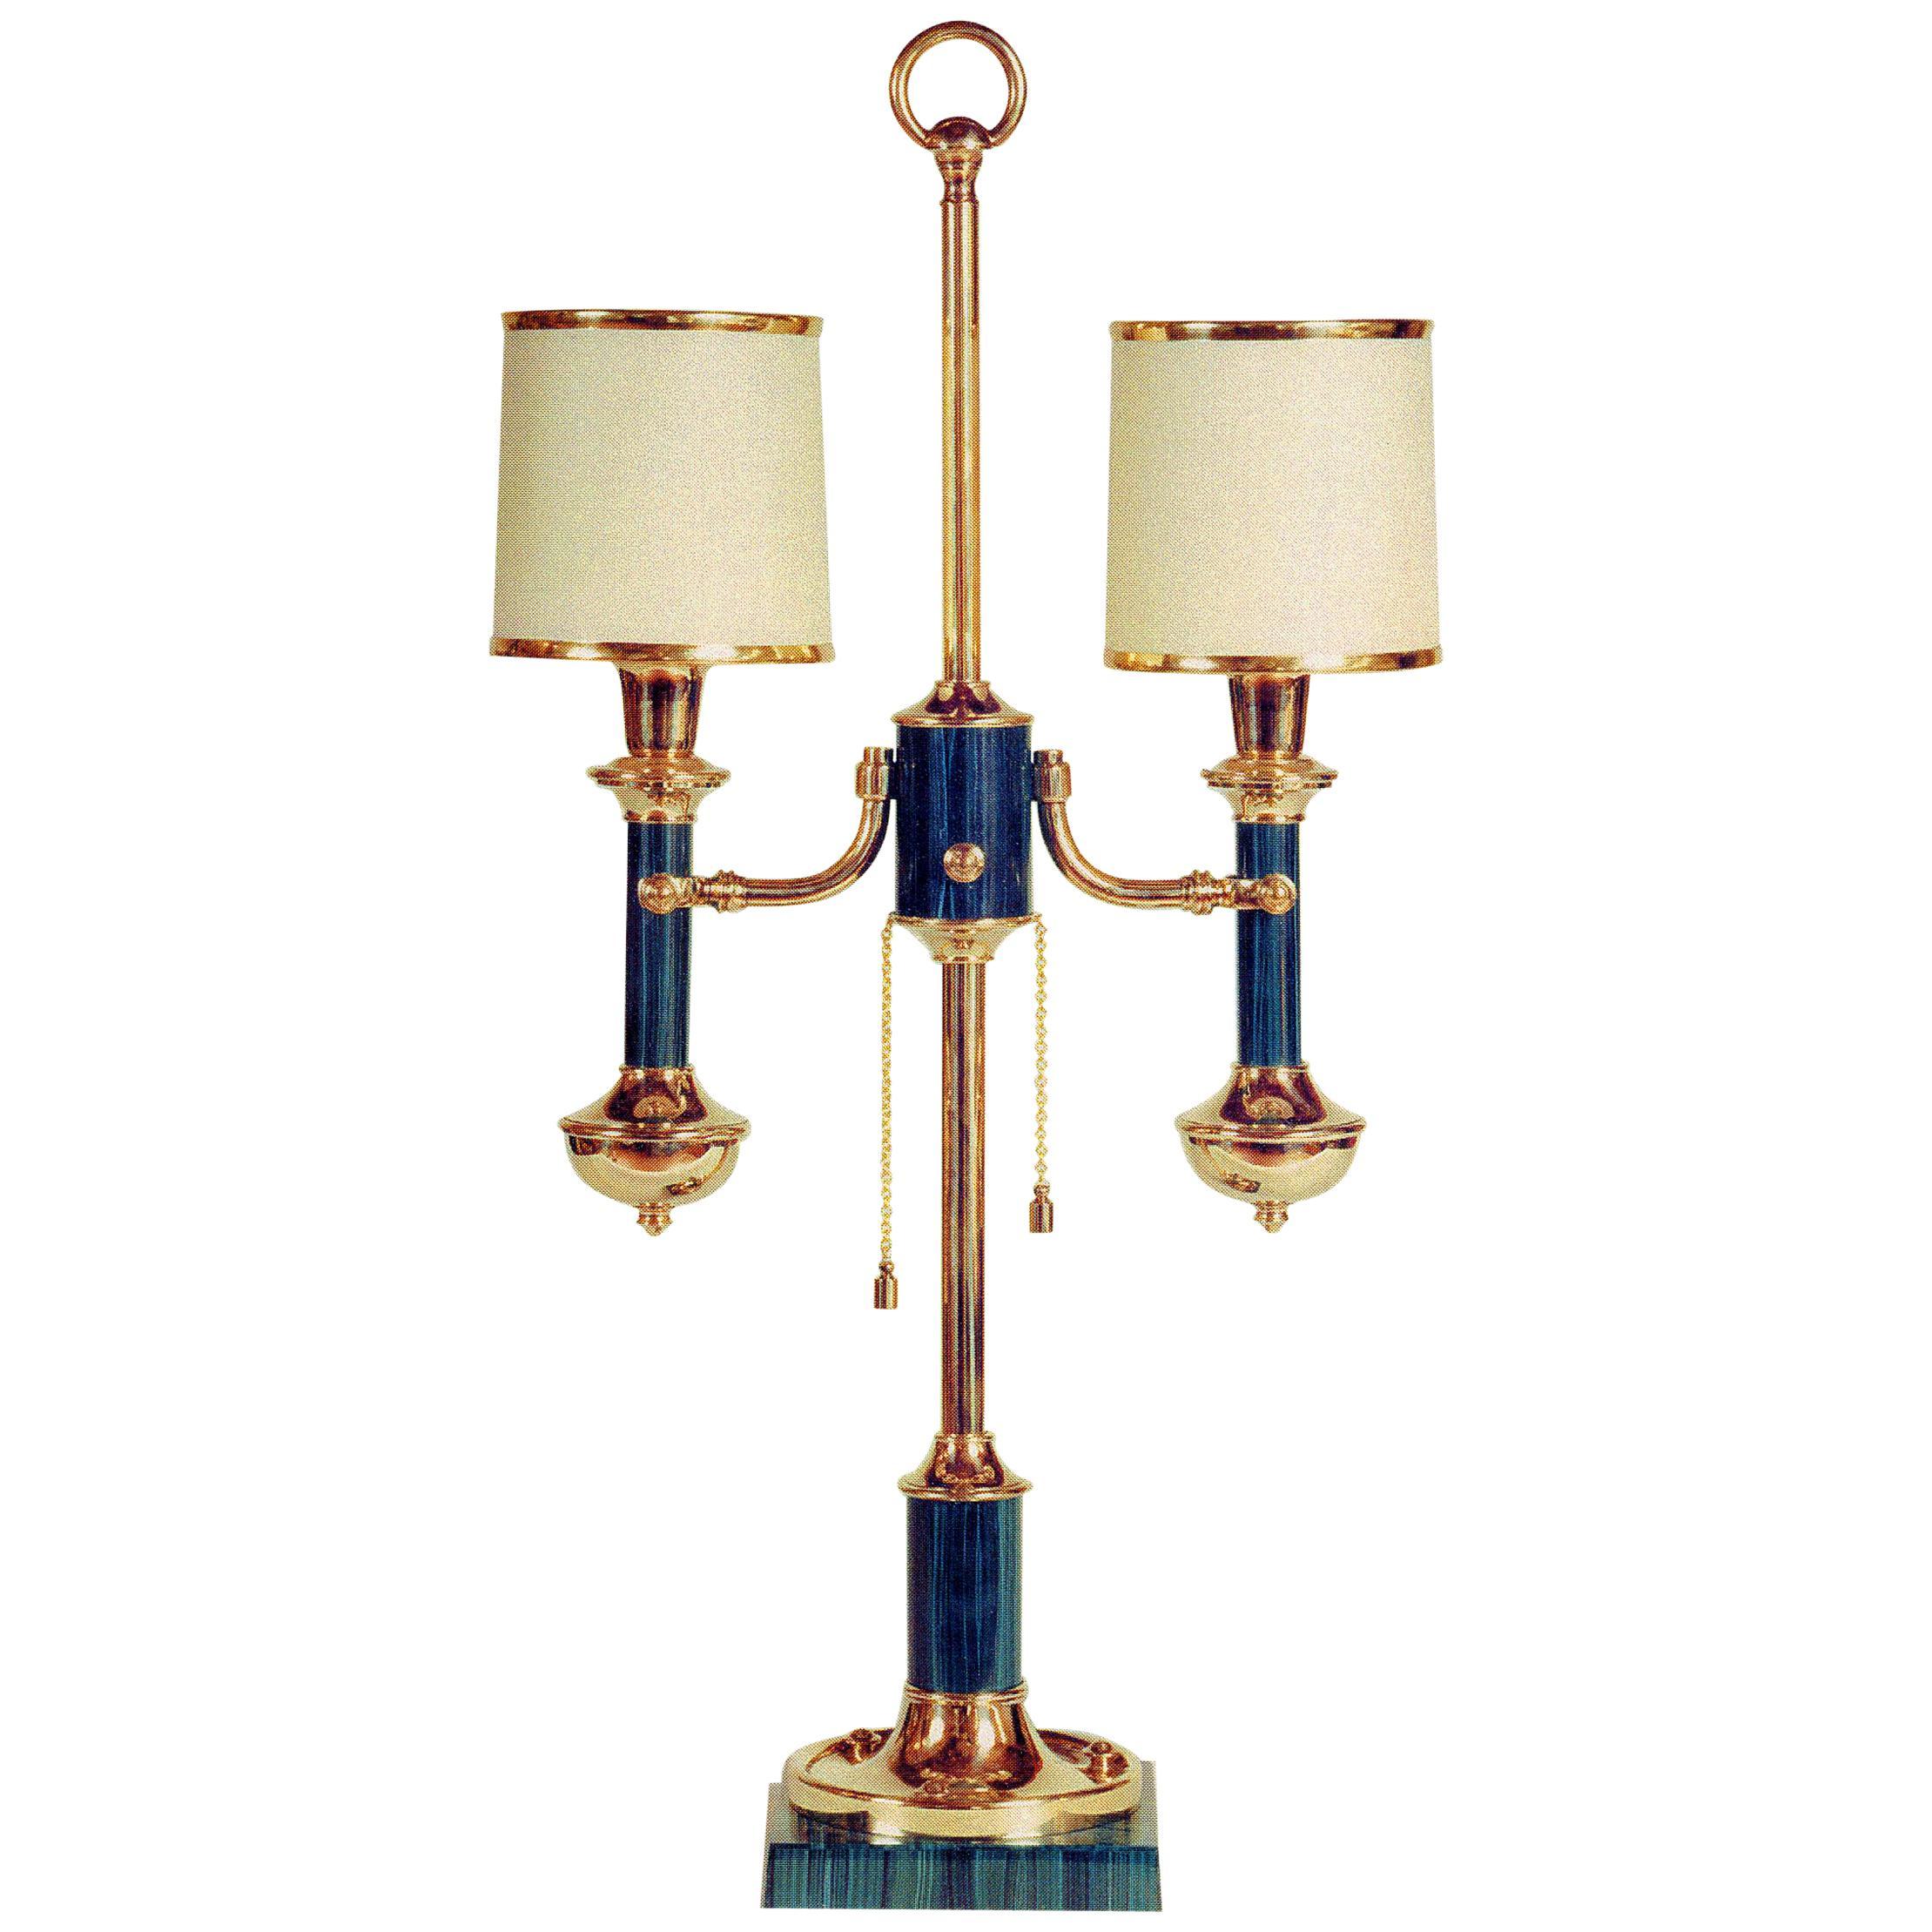 Neoclassical Style Gilt Bronze and Malachite Lamp By Gherardo Degli Albizzi